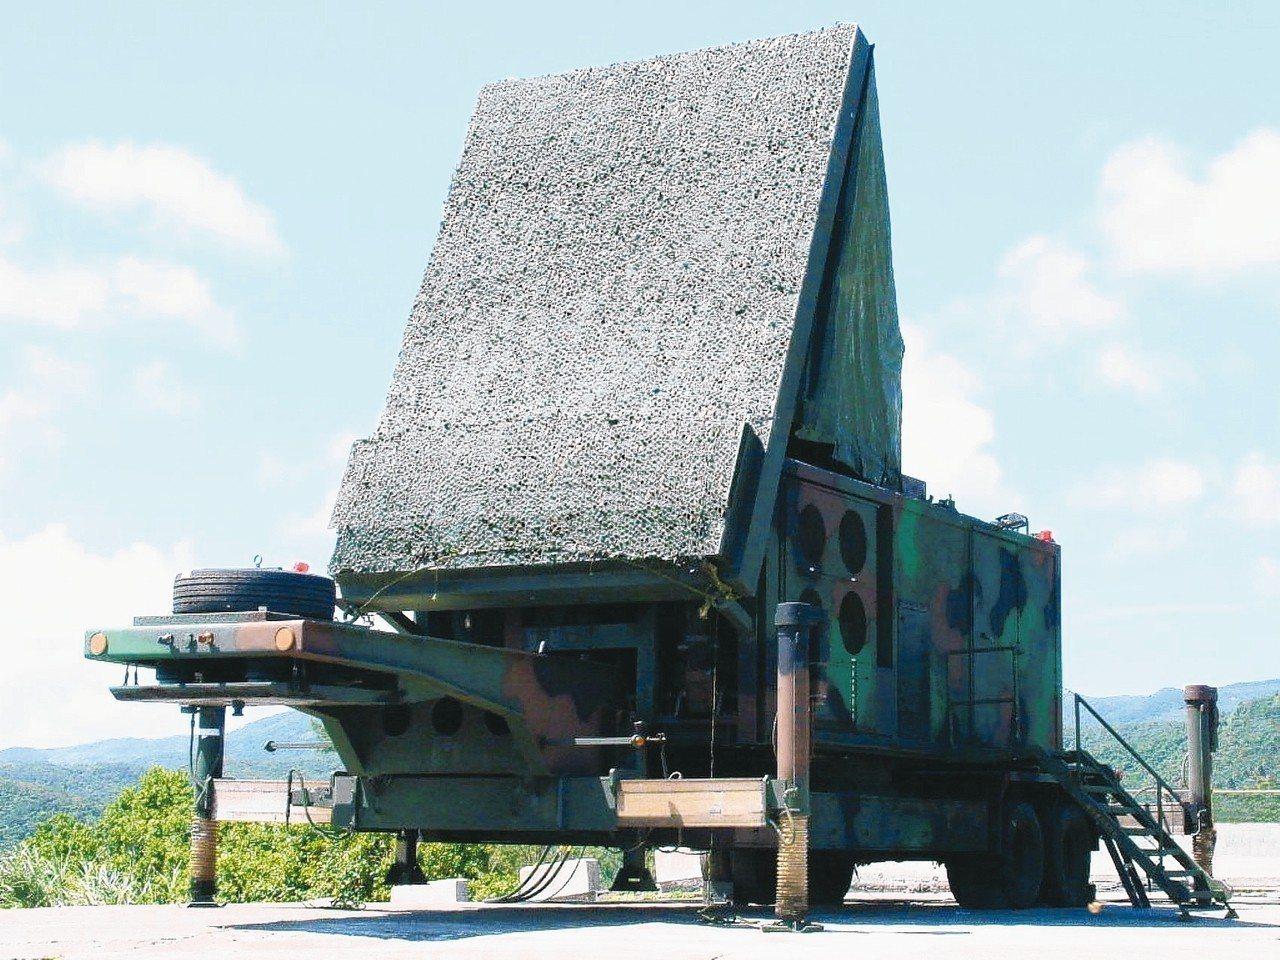 國軍已在宜蘭、花蓮、台東完成國產天弓3型防空飛彈部署。擔負弓3射控任務的高功能「...